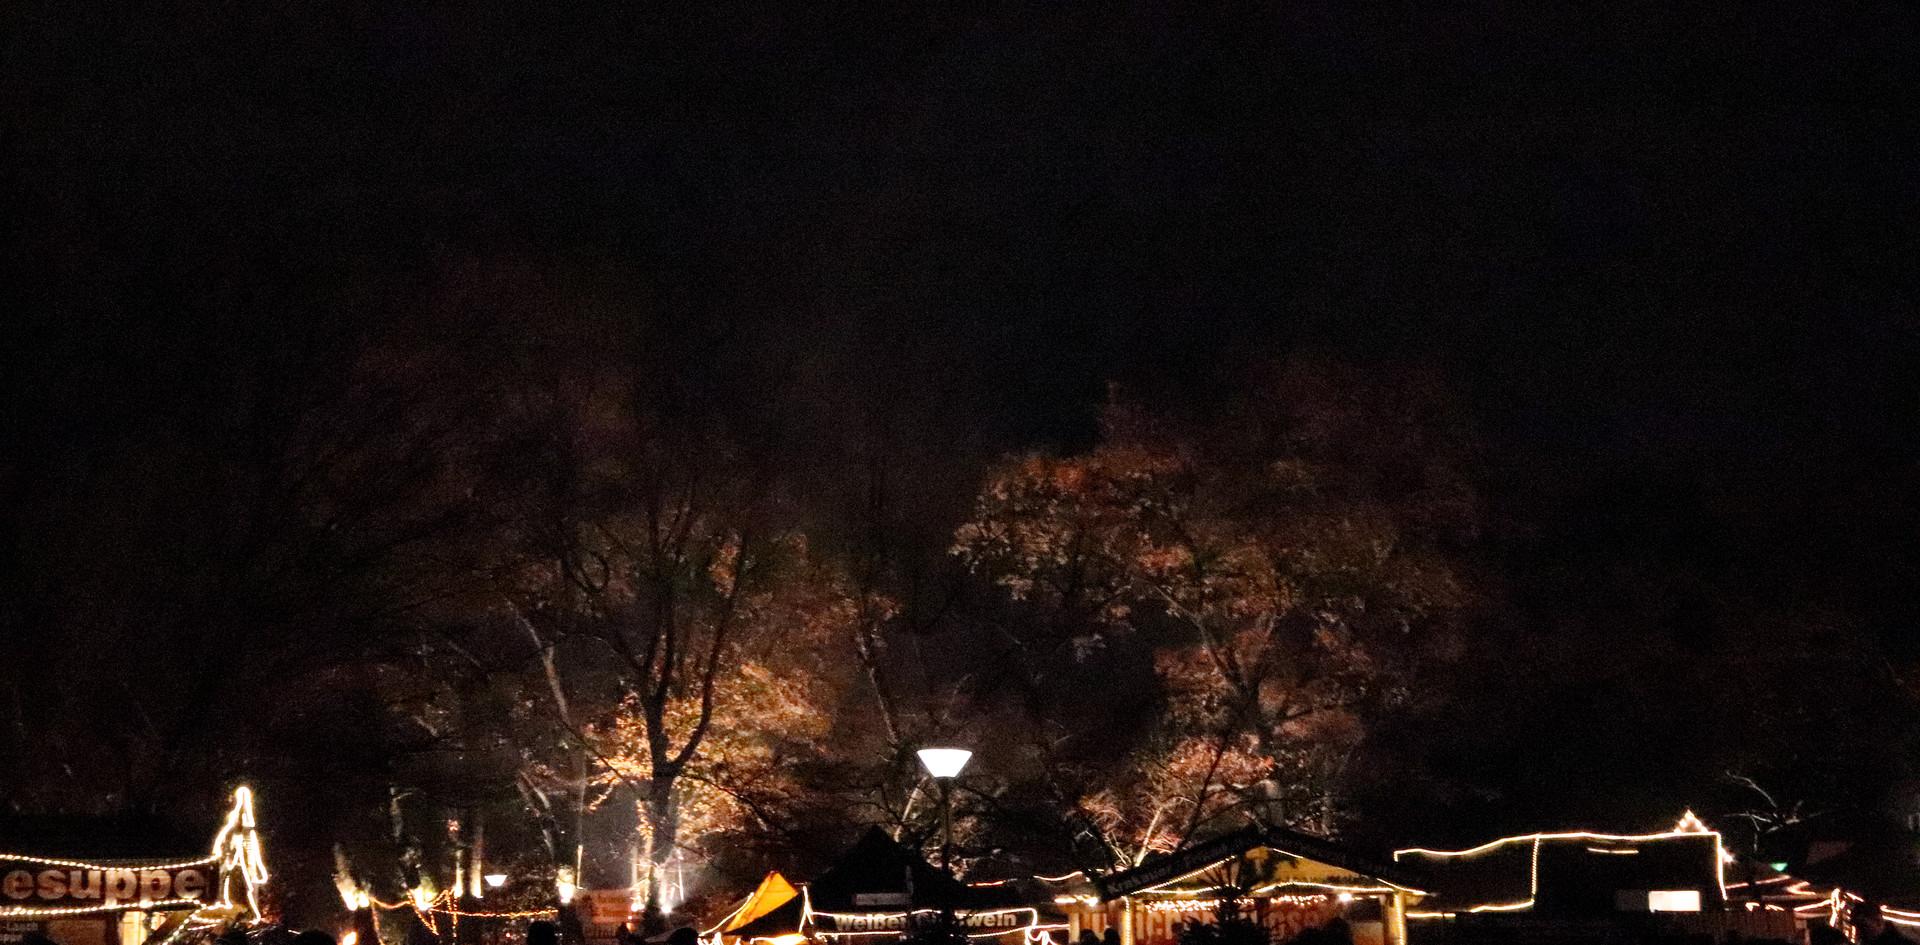 Lichteffekte auf dem PLWM 2018 Dortmund